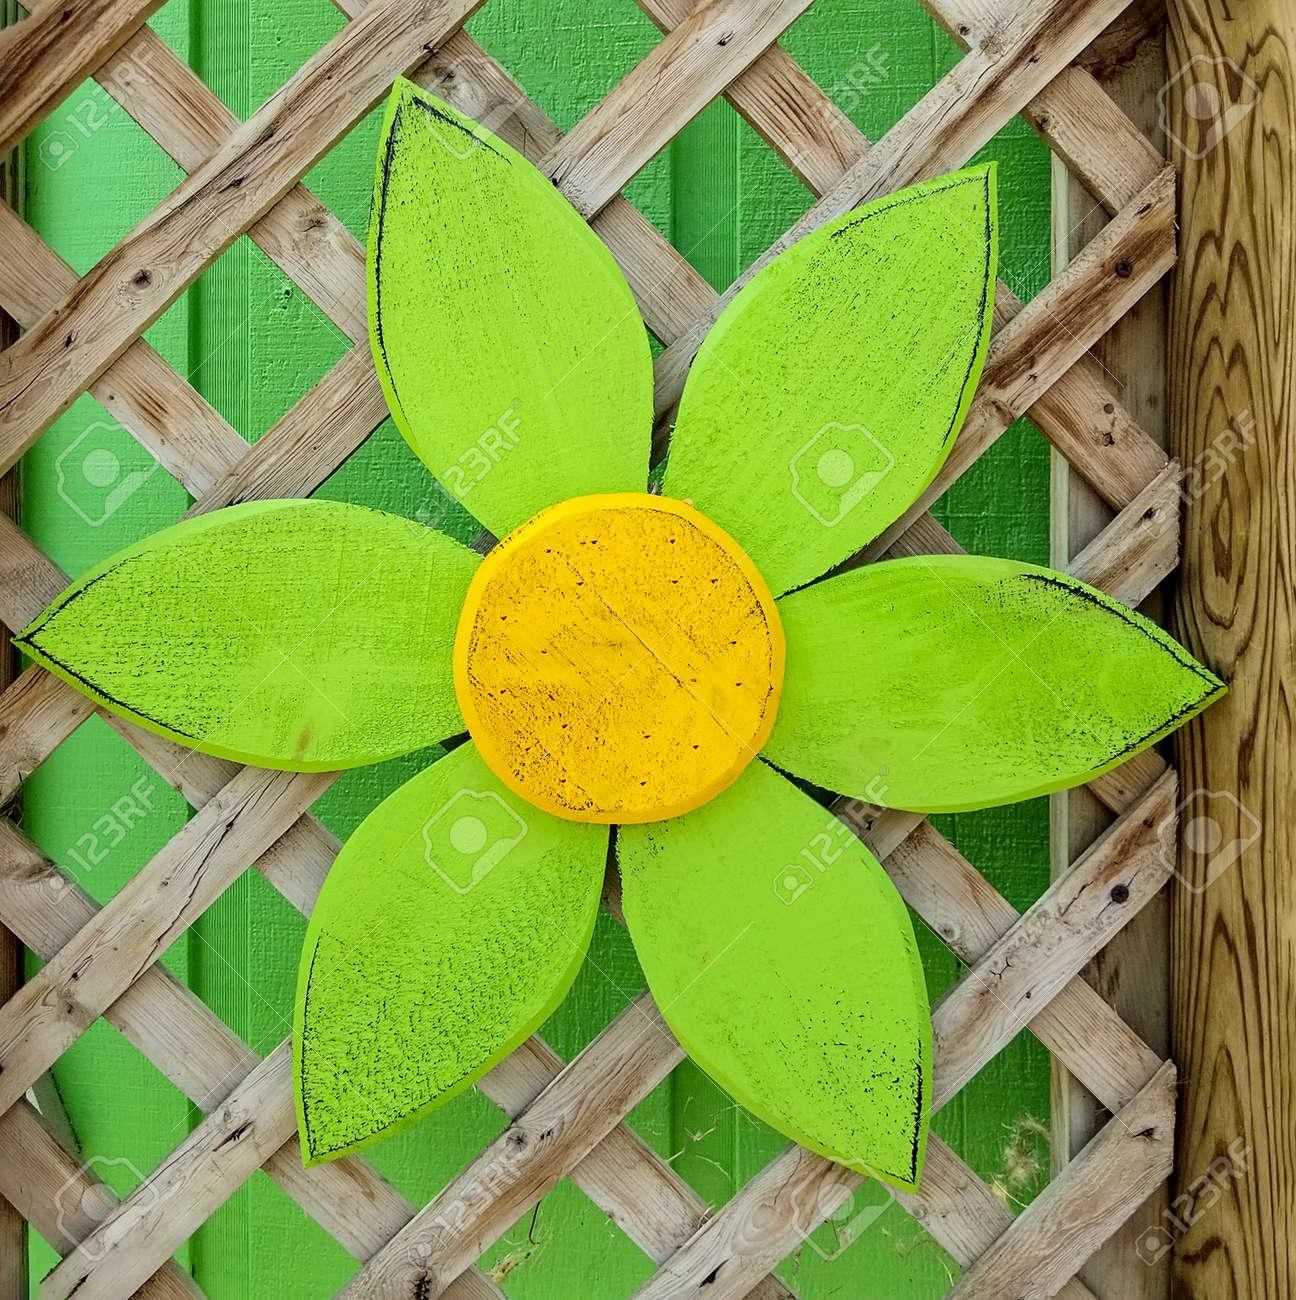 Bright Green Wooden Daisy Decoration On Garden Trellis Stock Photo